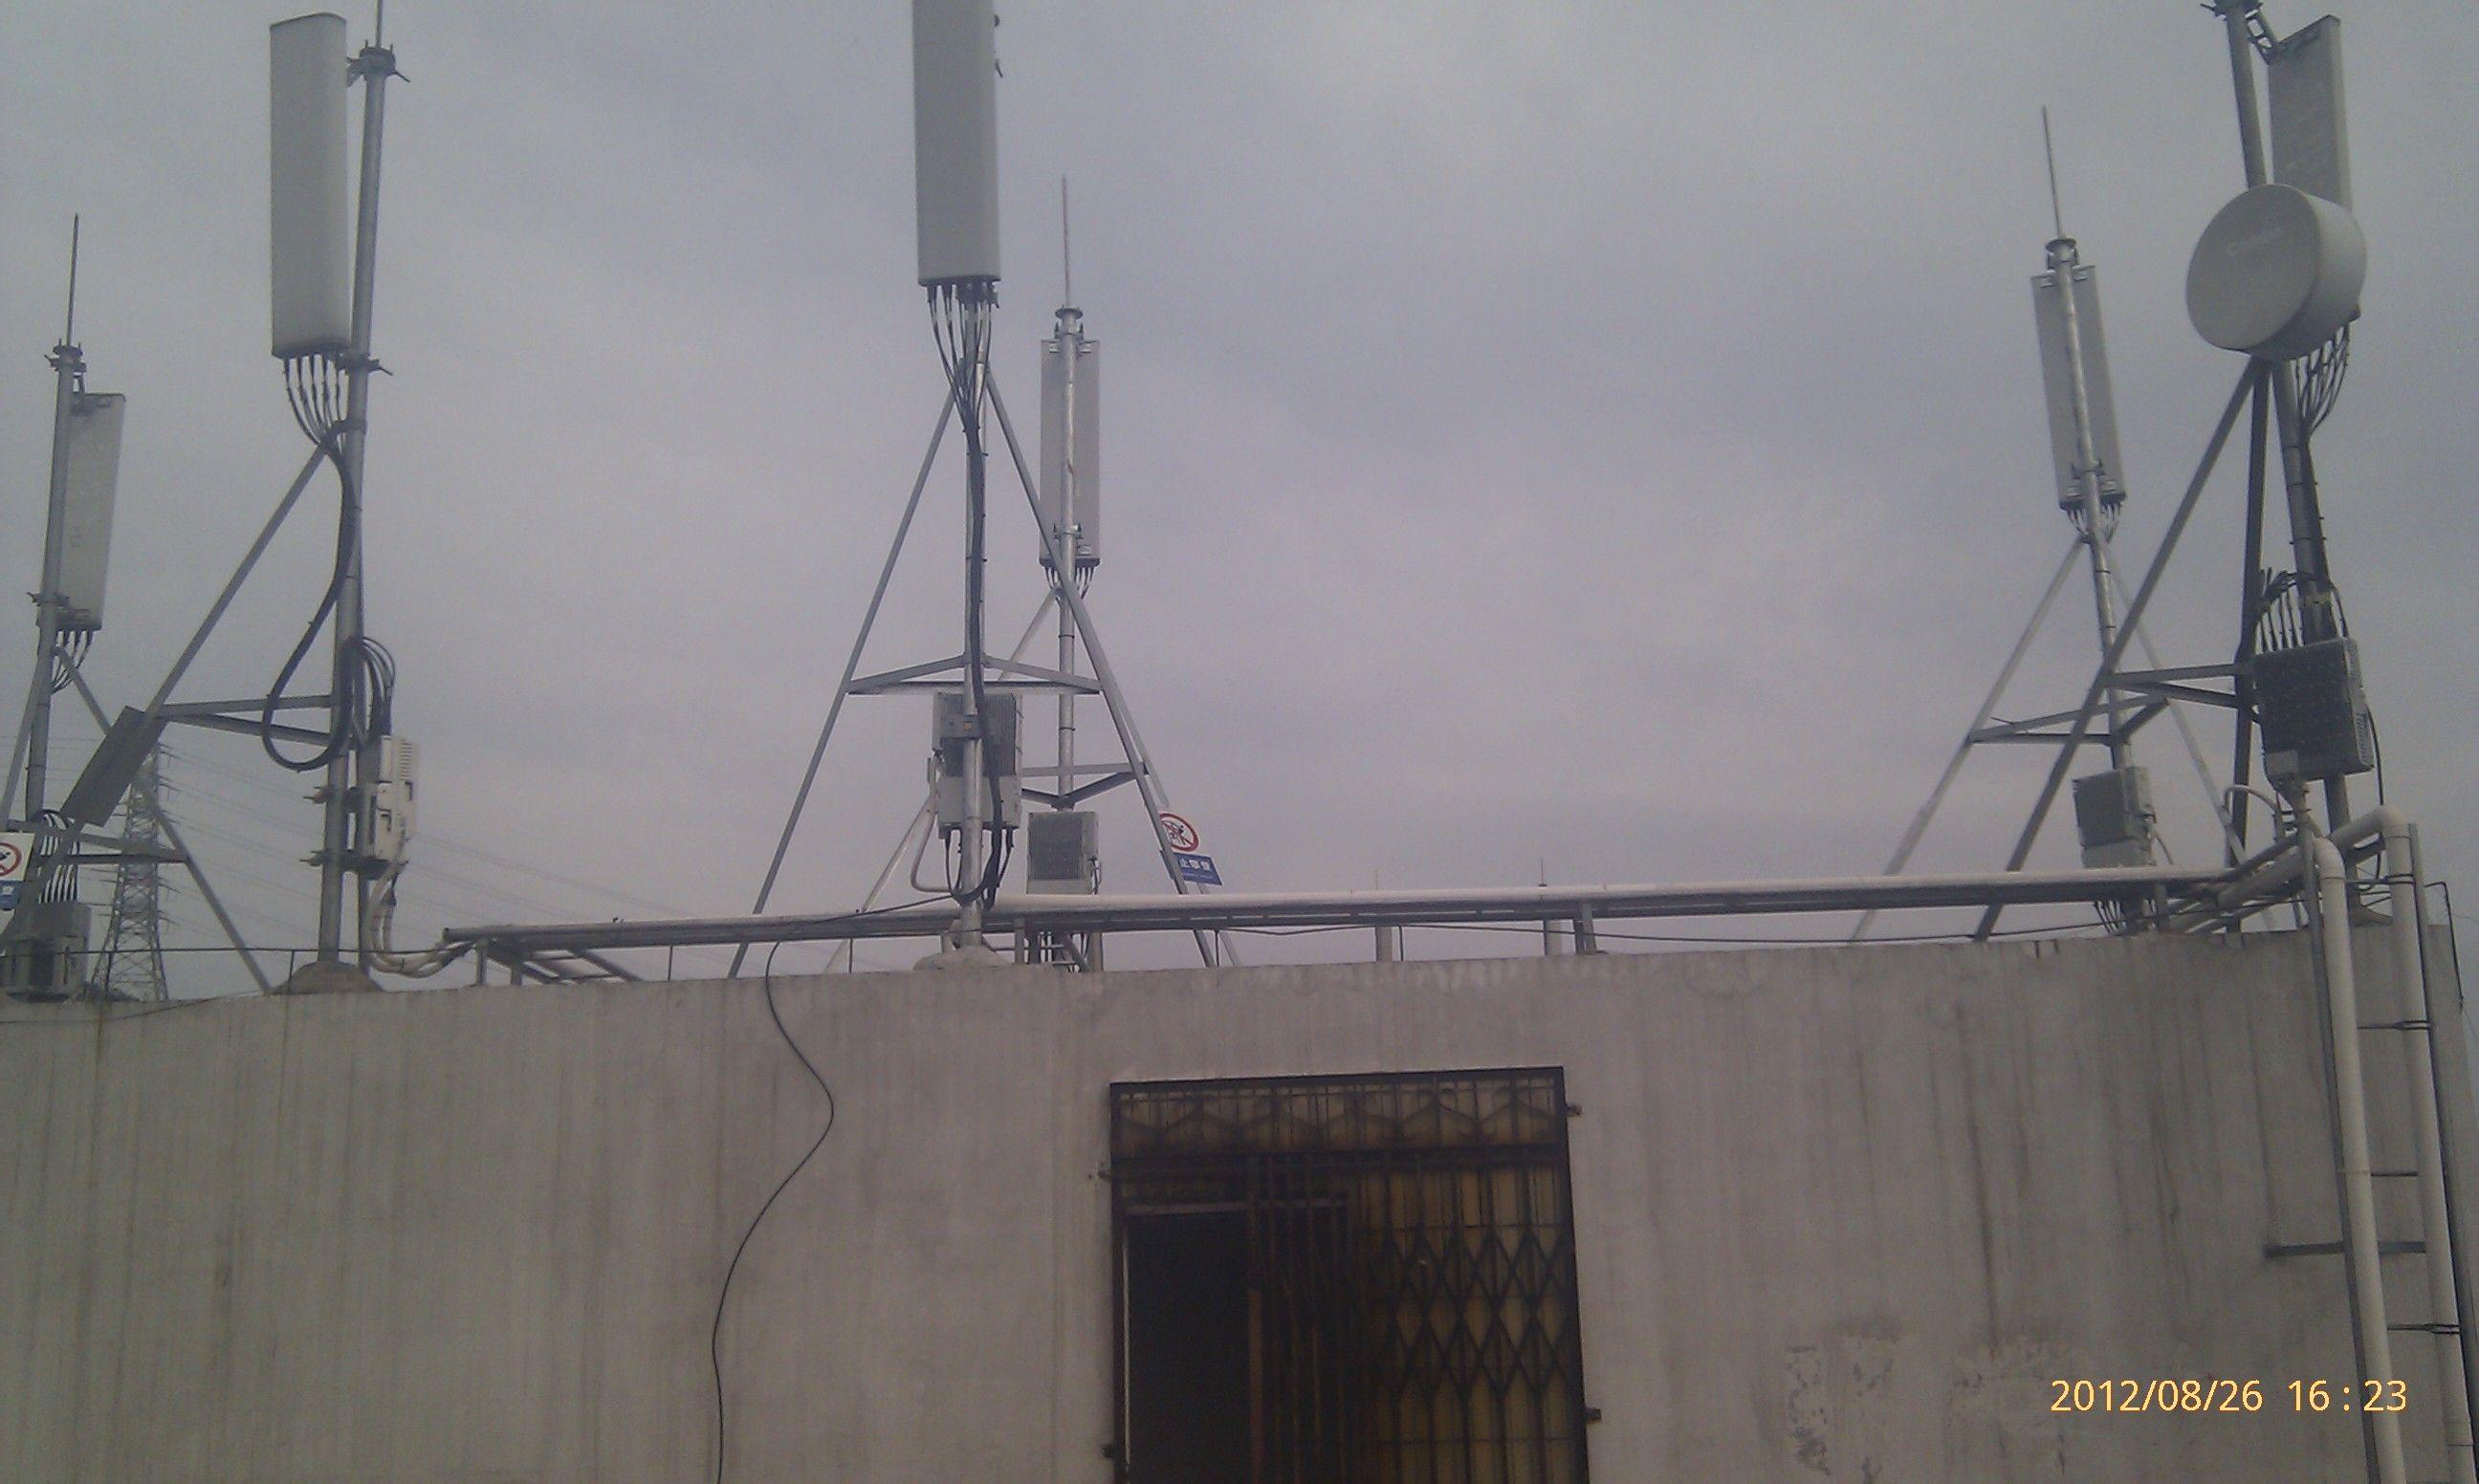 无线基站辐射_我家上面一层有一个移动基站,辐射大吗?_百度知道